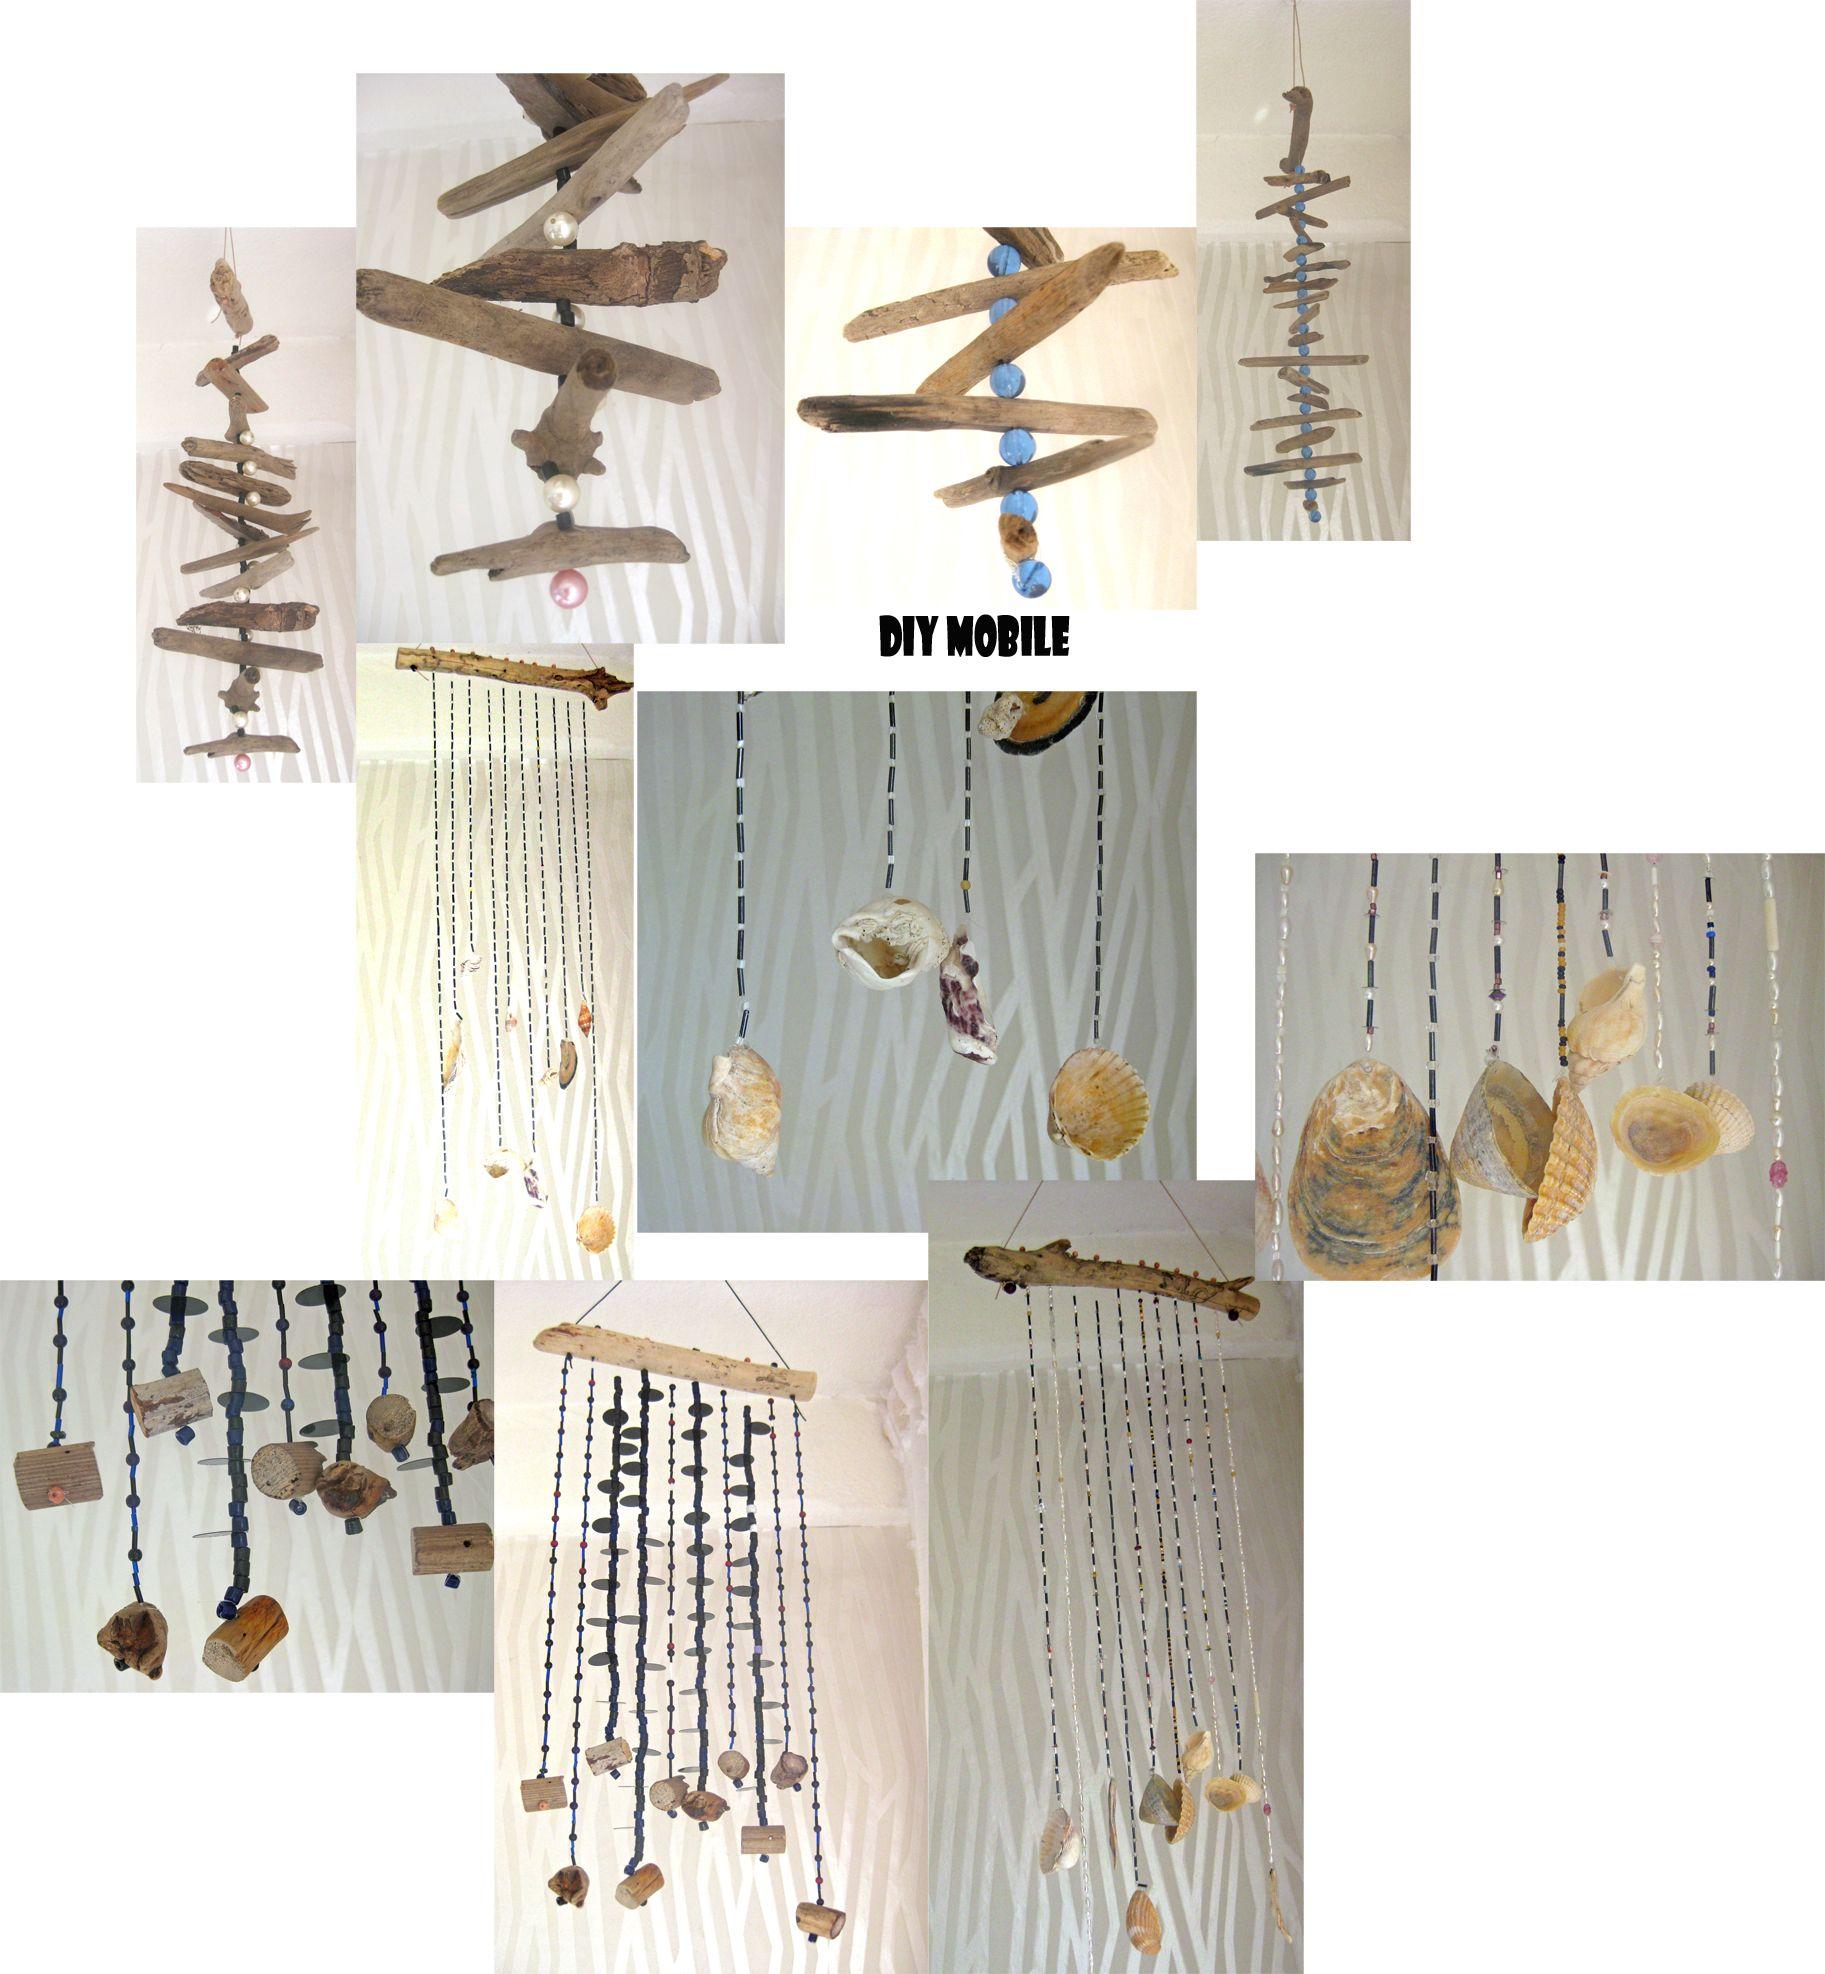 diy verschiedene mobiles aus perlen, treibholz und muscheln